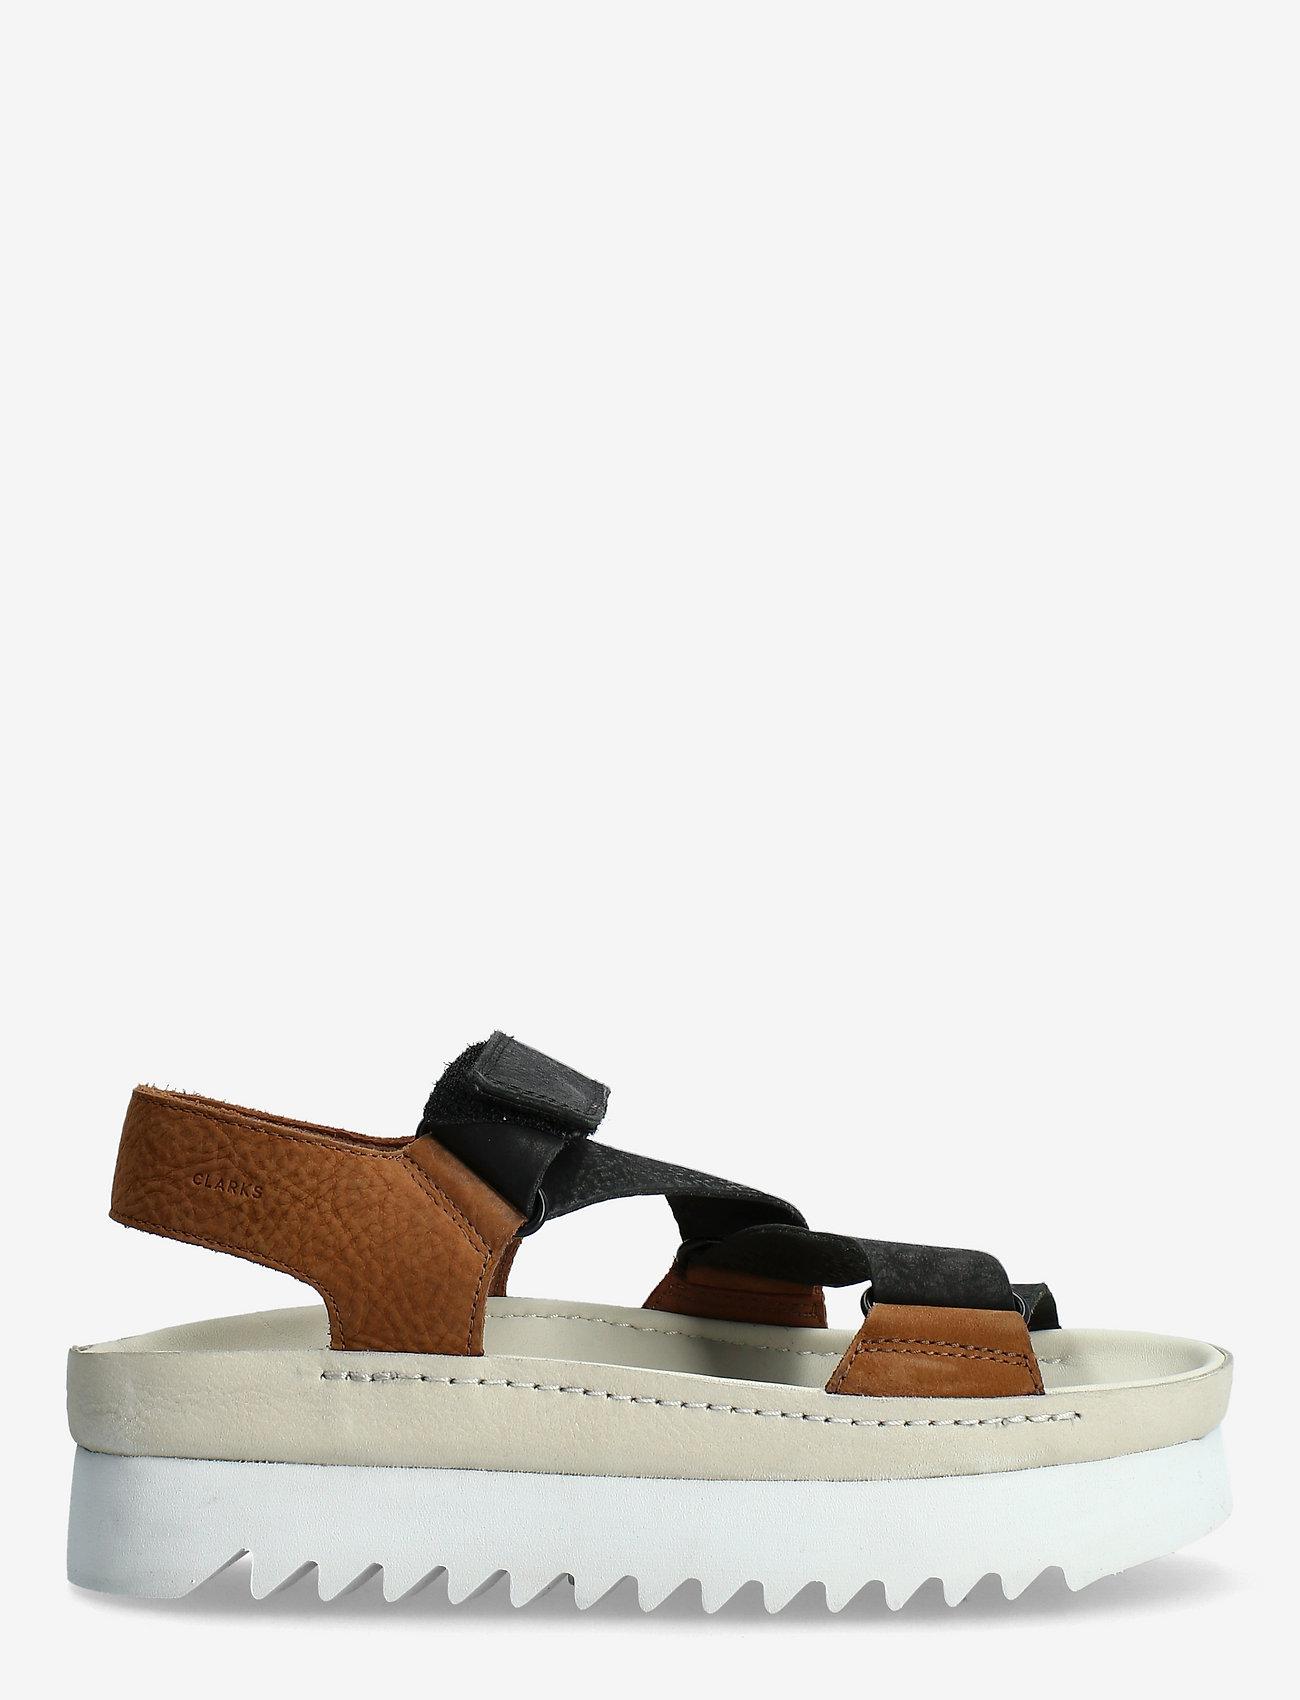 Clarks Originals - Ranger Elvtd - platta sandaler - brown combi - 1